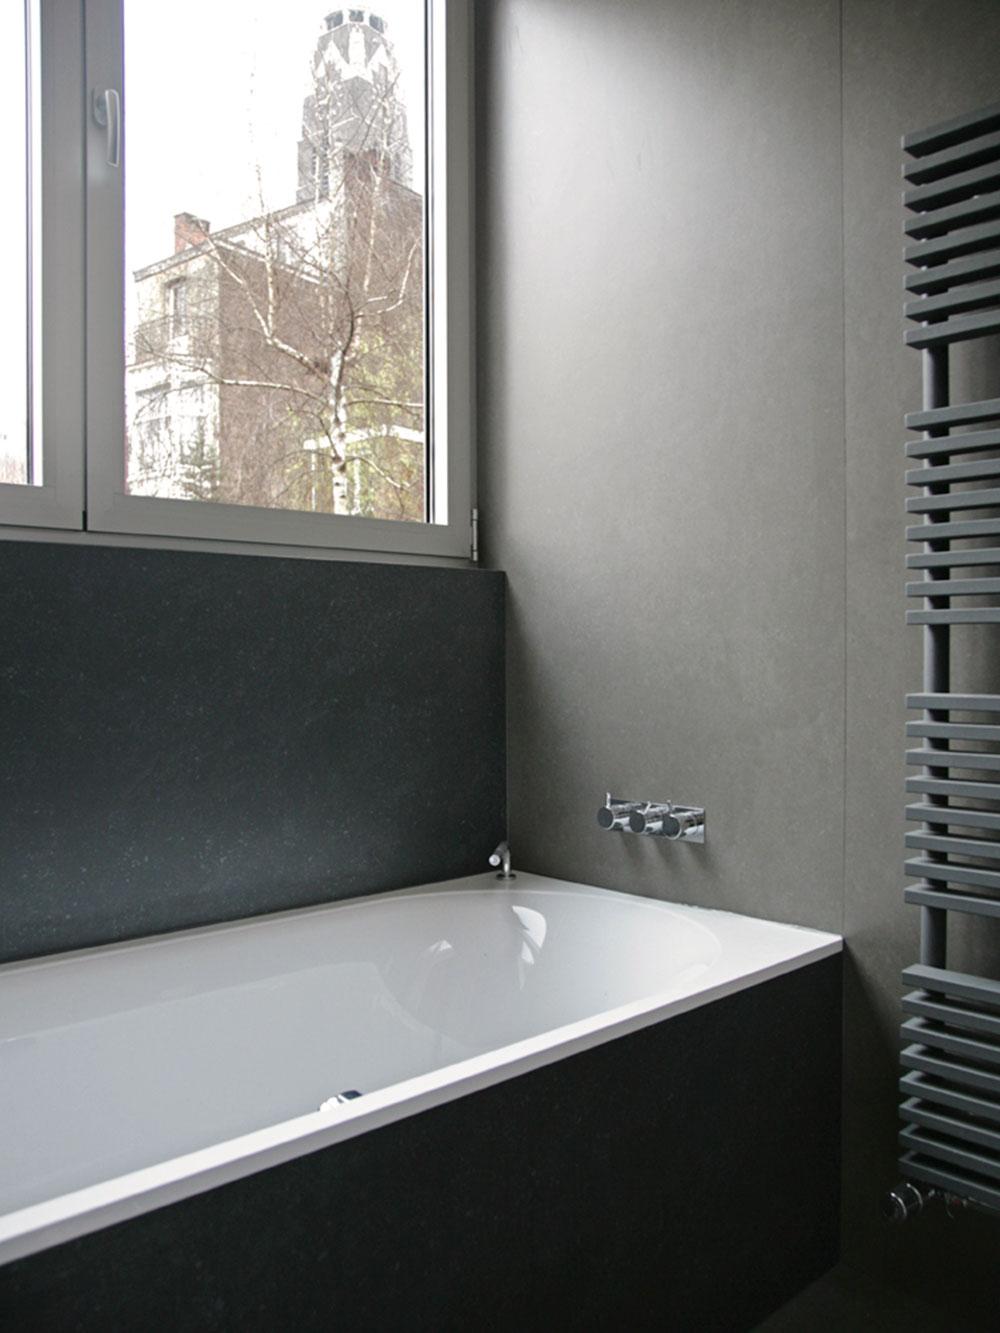 Woning_Antwerpen_Interieur_badkamer_bad.jpg